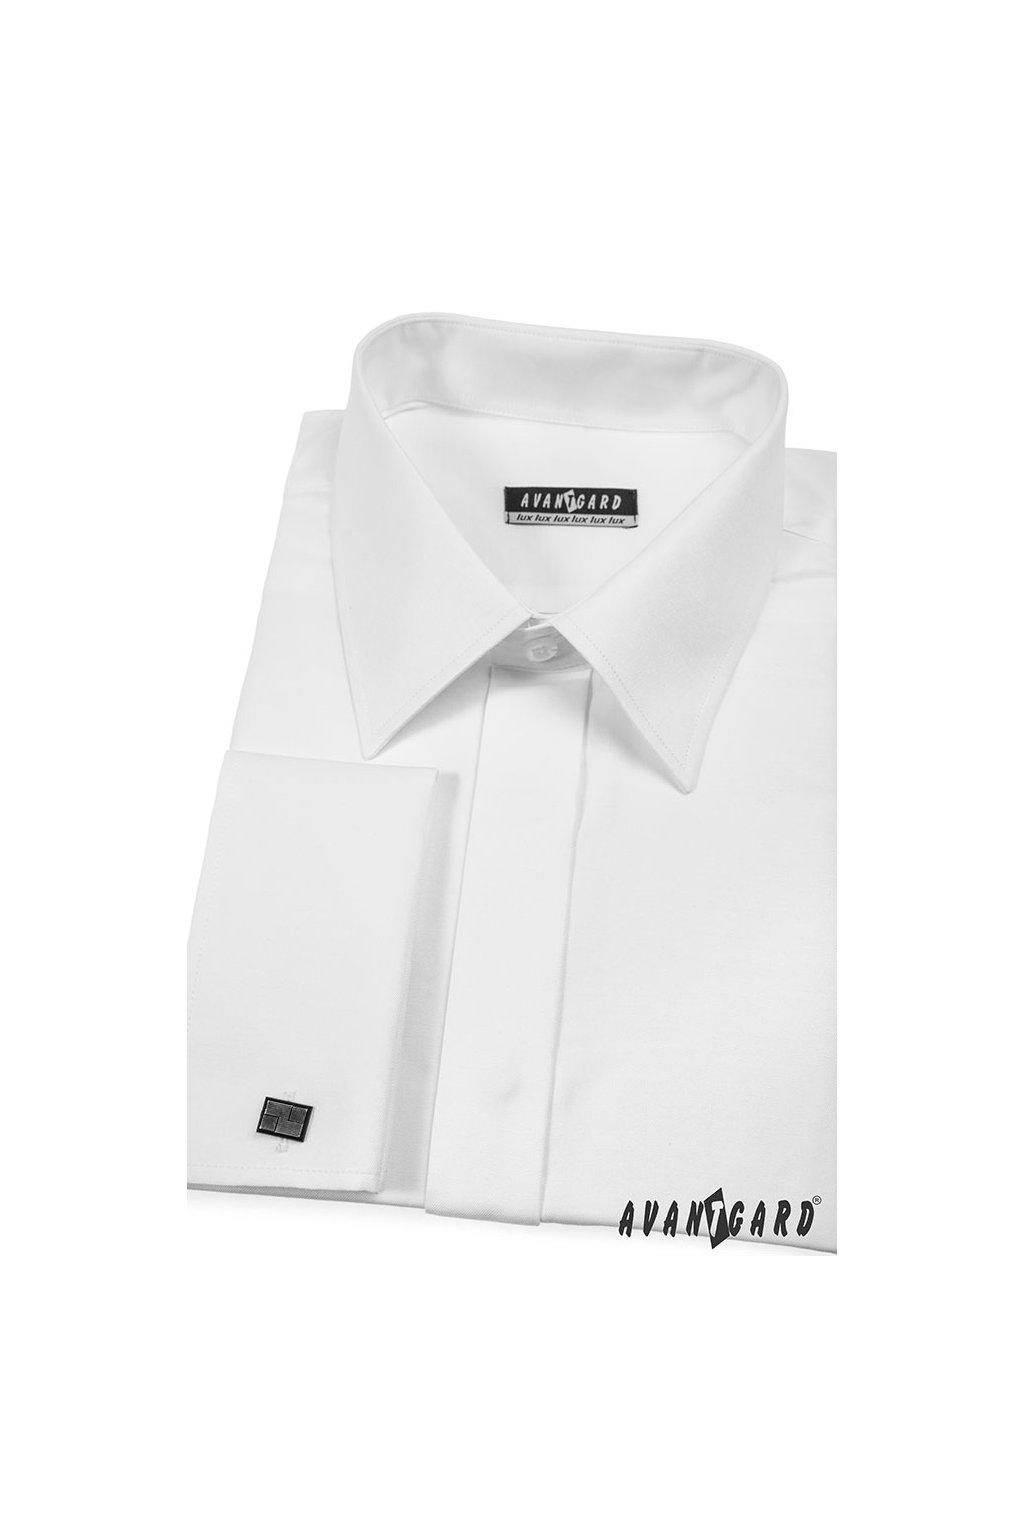 Pánská košile KLASIK s krytou légou a dvojitými manžetami na manžetové knoflíčky bílá 516 - 1